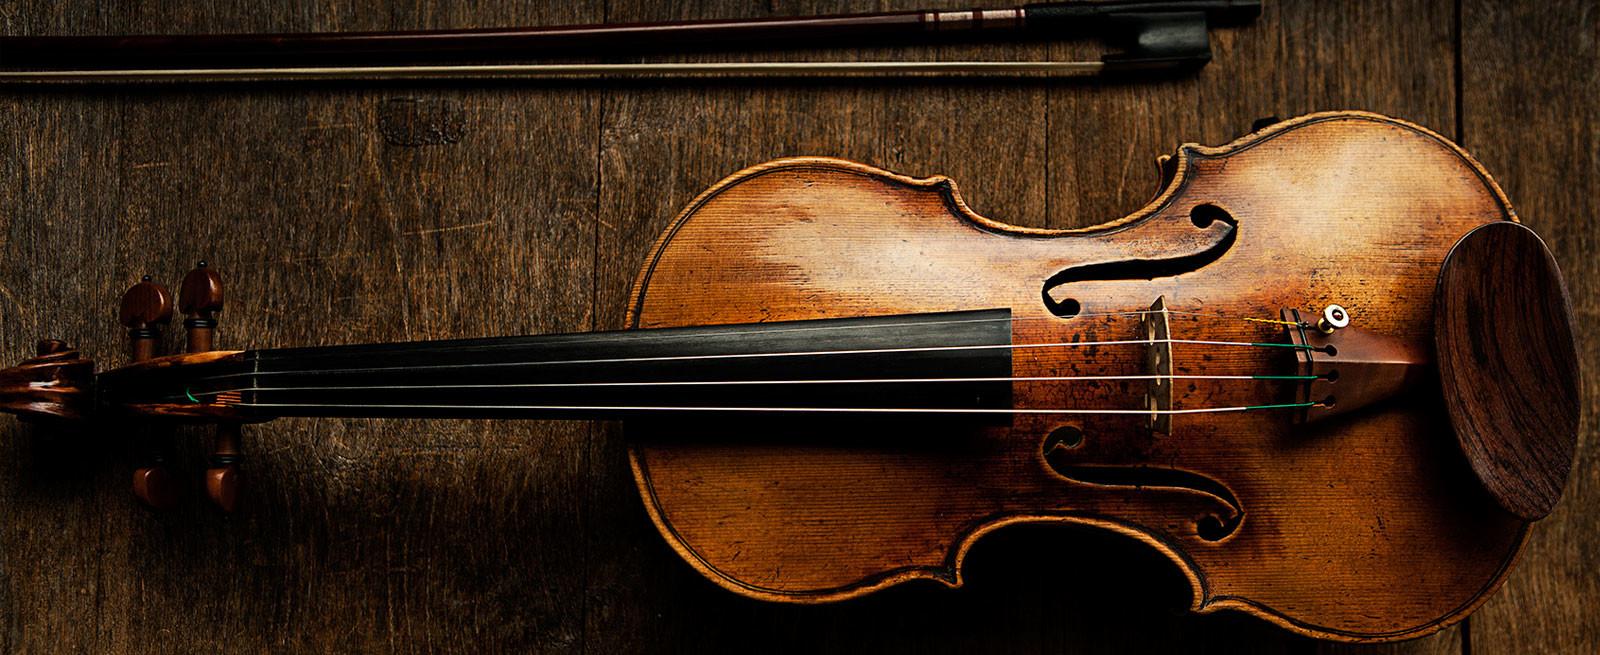 violin-rbp-website